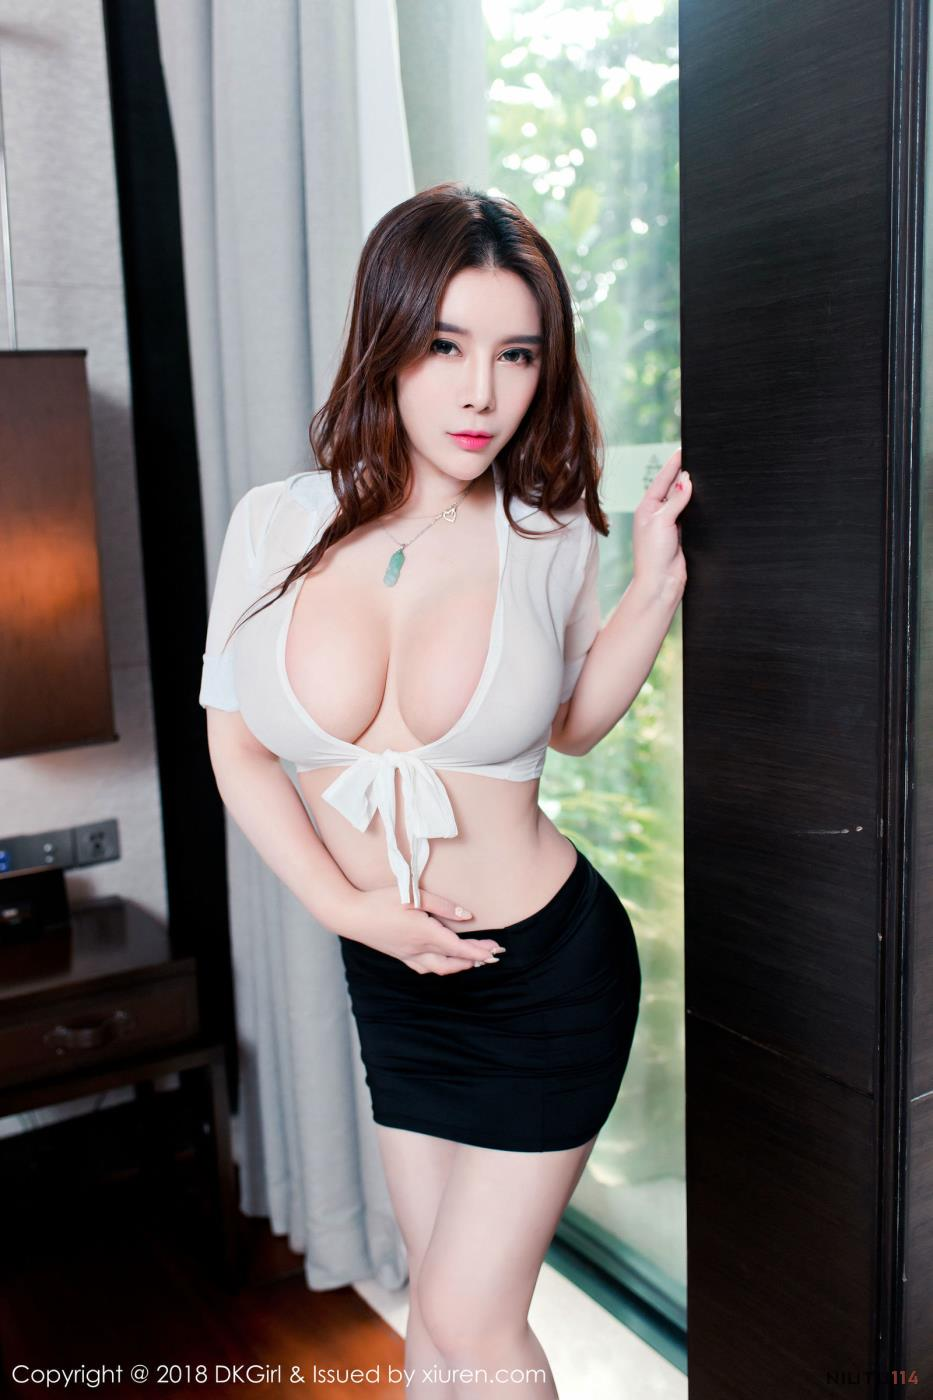 御女郎丰乳肥臀性感美女雪千寻白衬衫爆乳大尺度写真图片